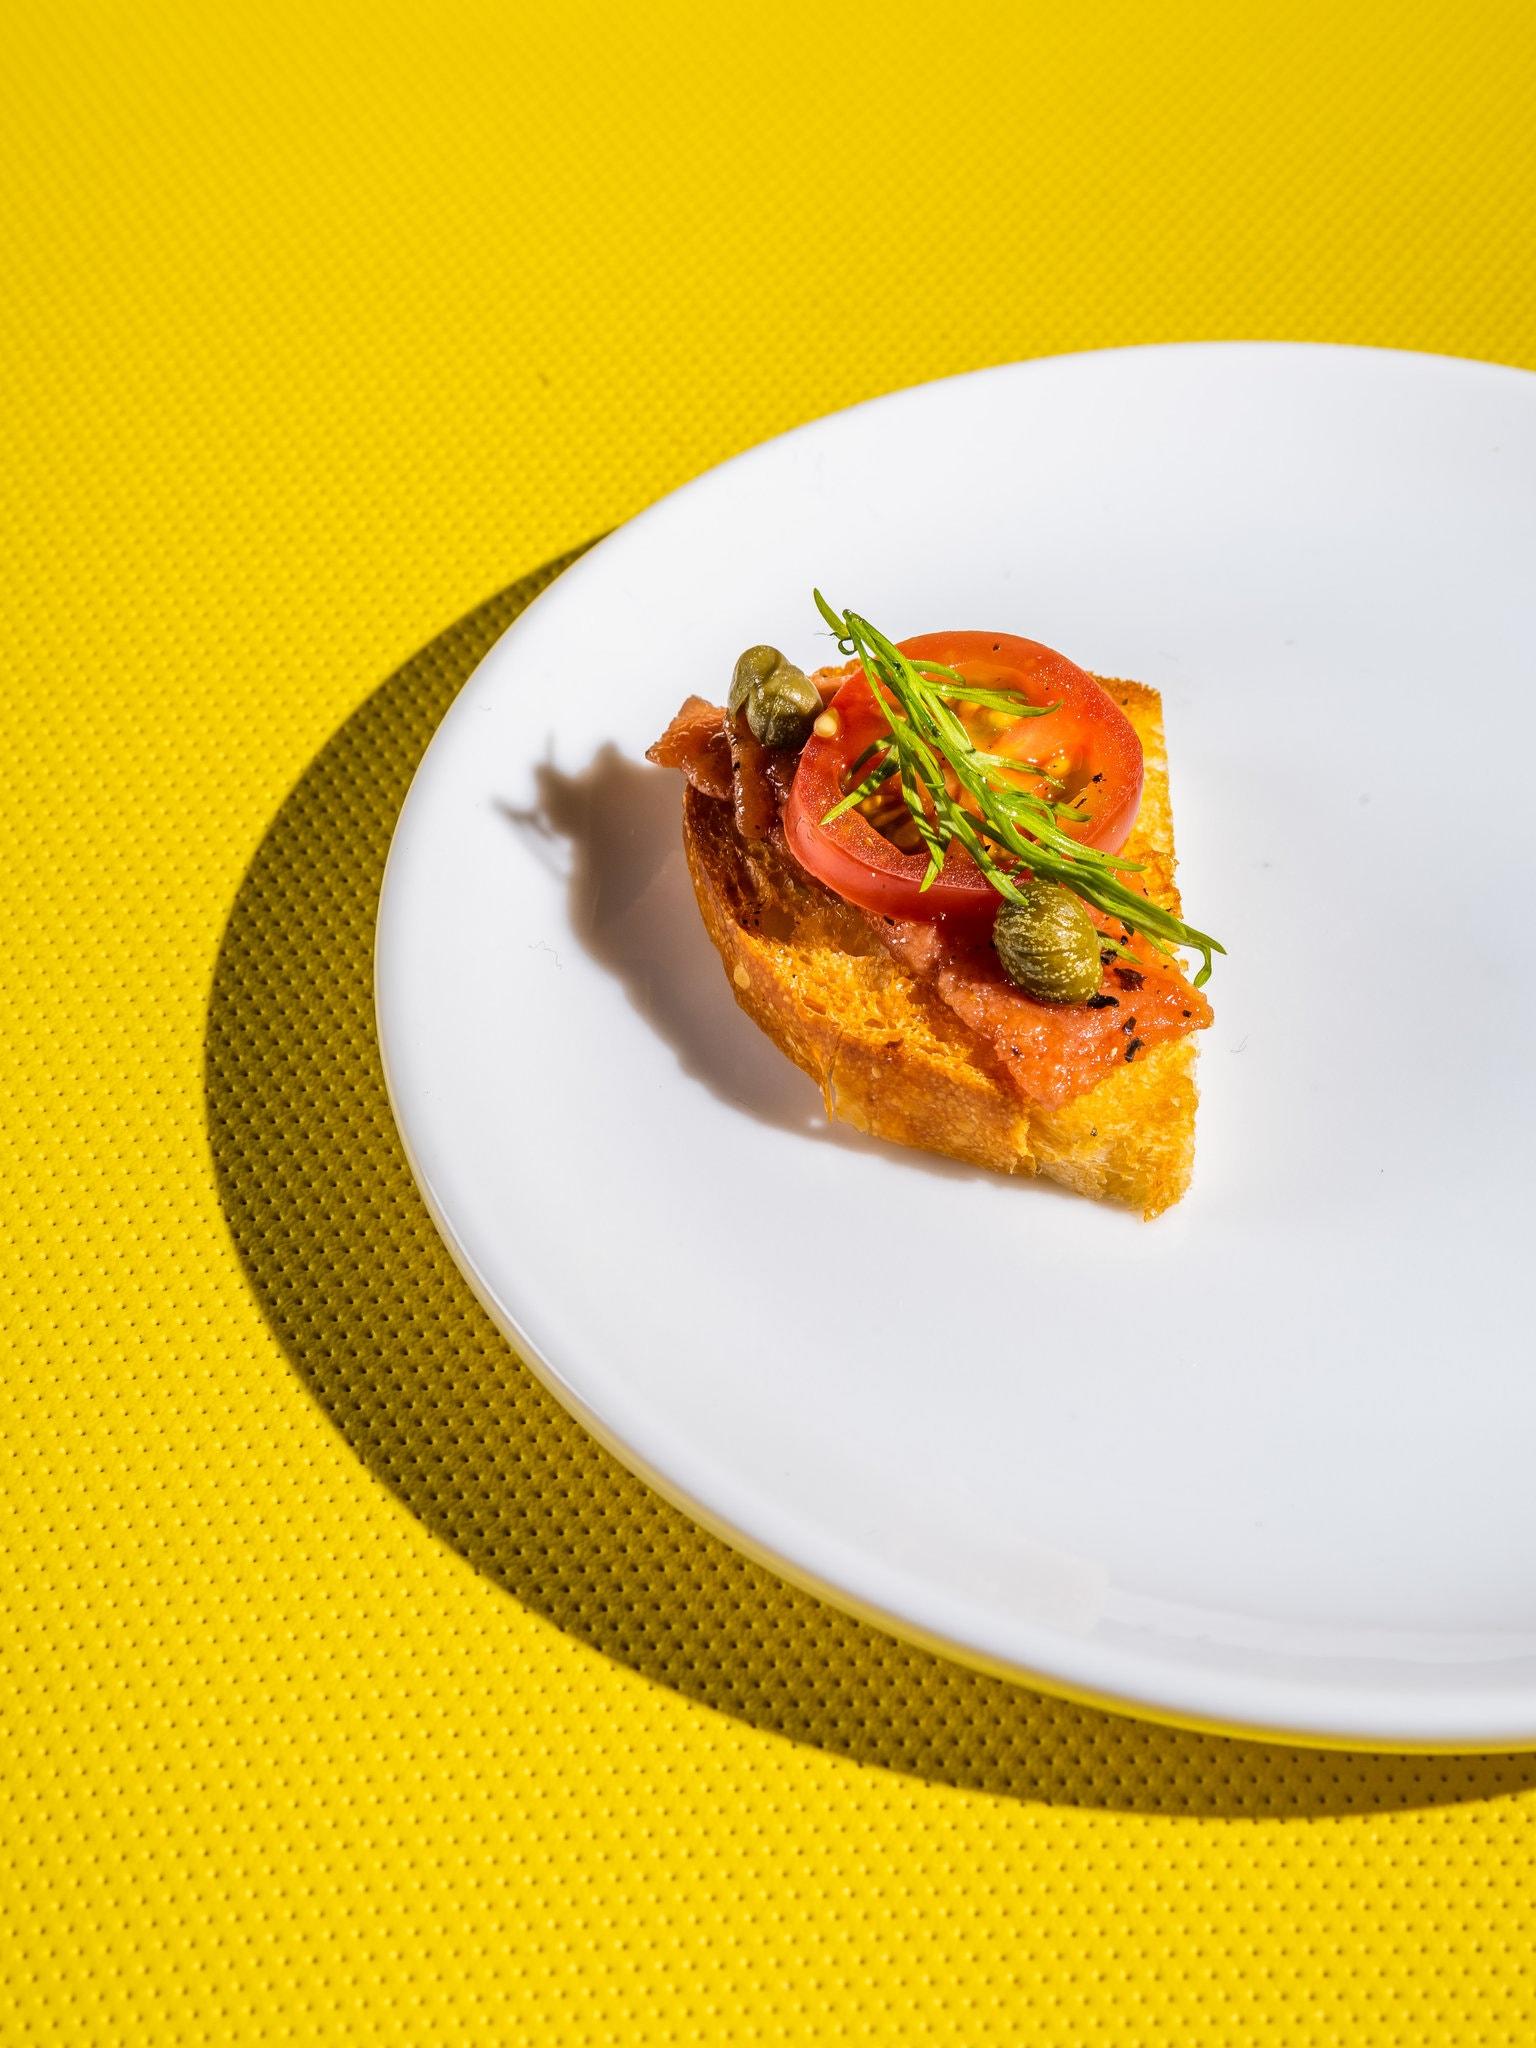 Nhiều công ty thực phẩm đang cố gắng tạo ra loại cá giả với hương vị như thật. Ảnh: NYT.